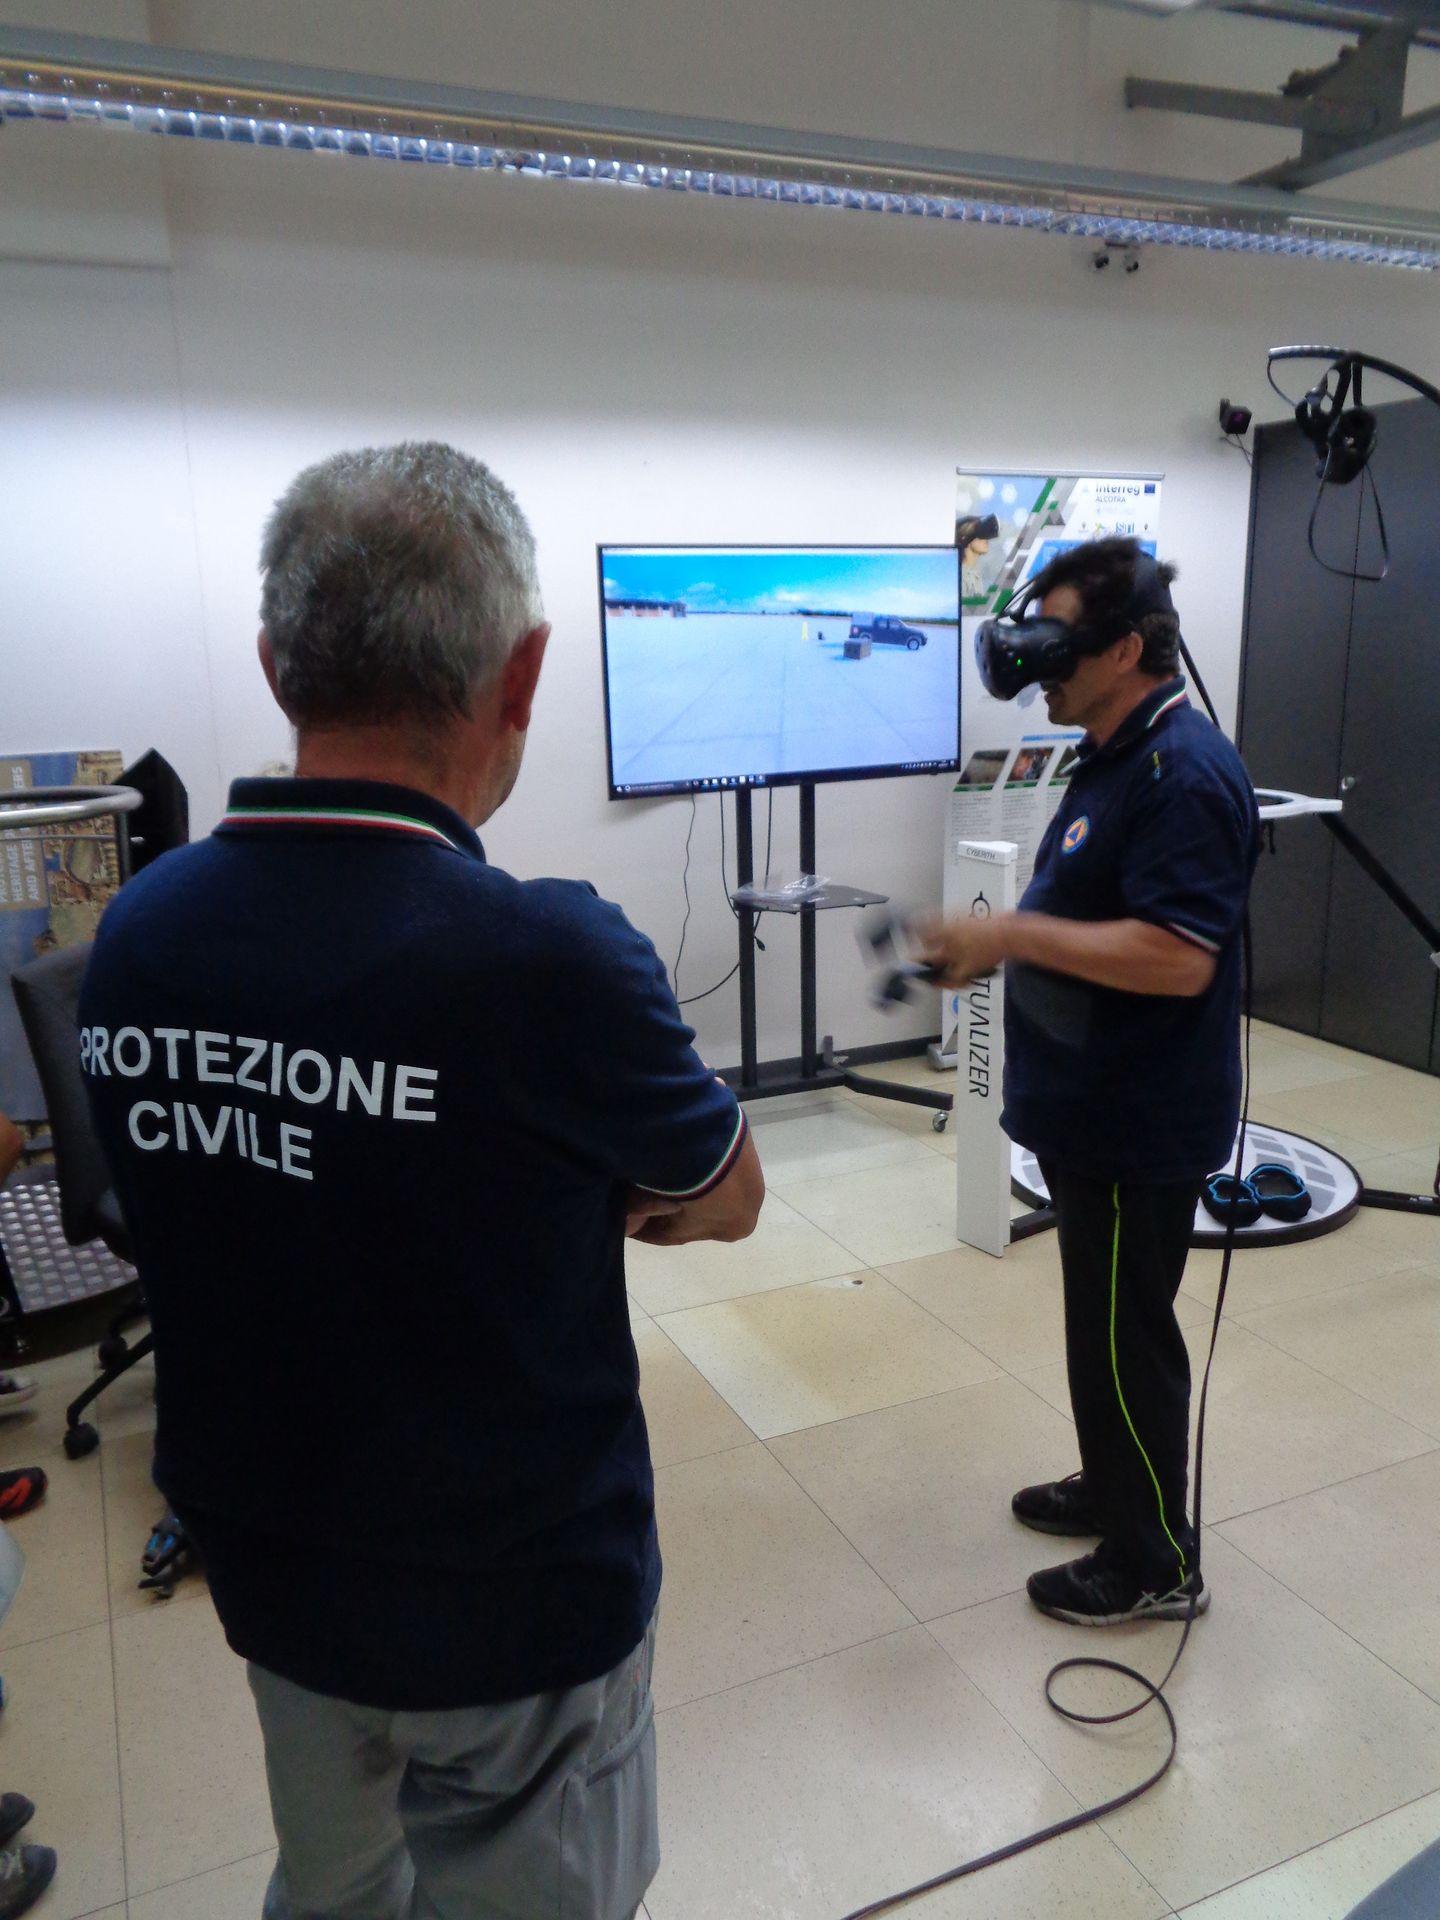 La Guida - Protezione Civile, formazione con la realtà virtuale